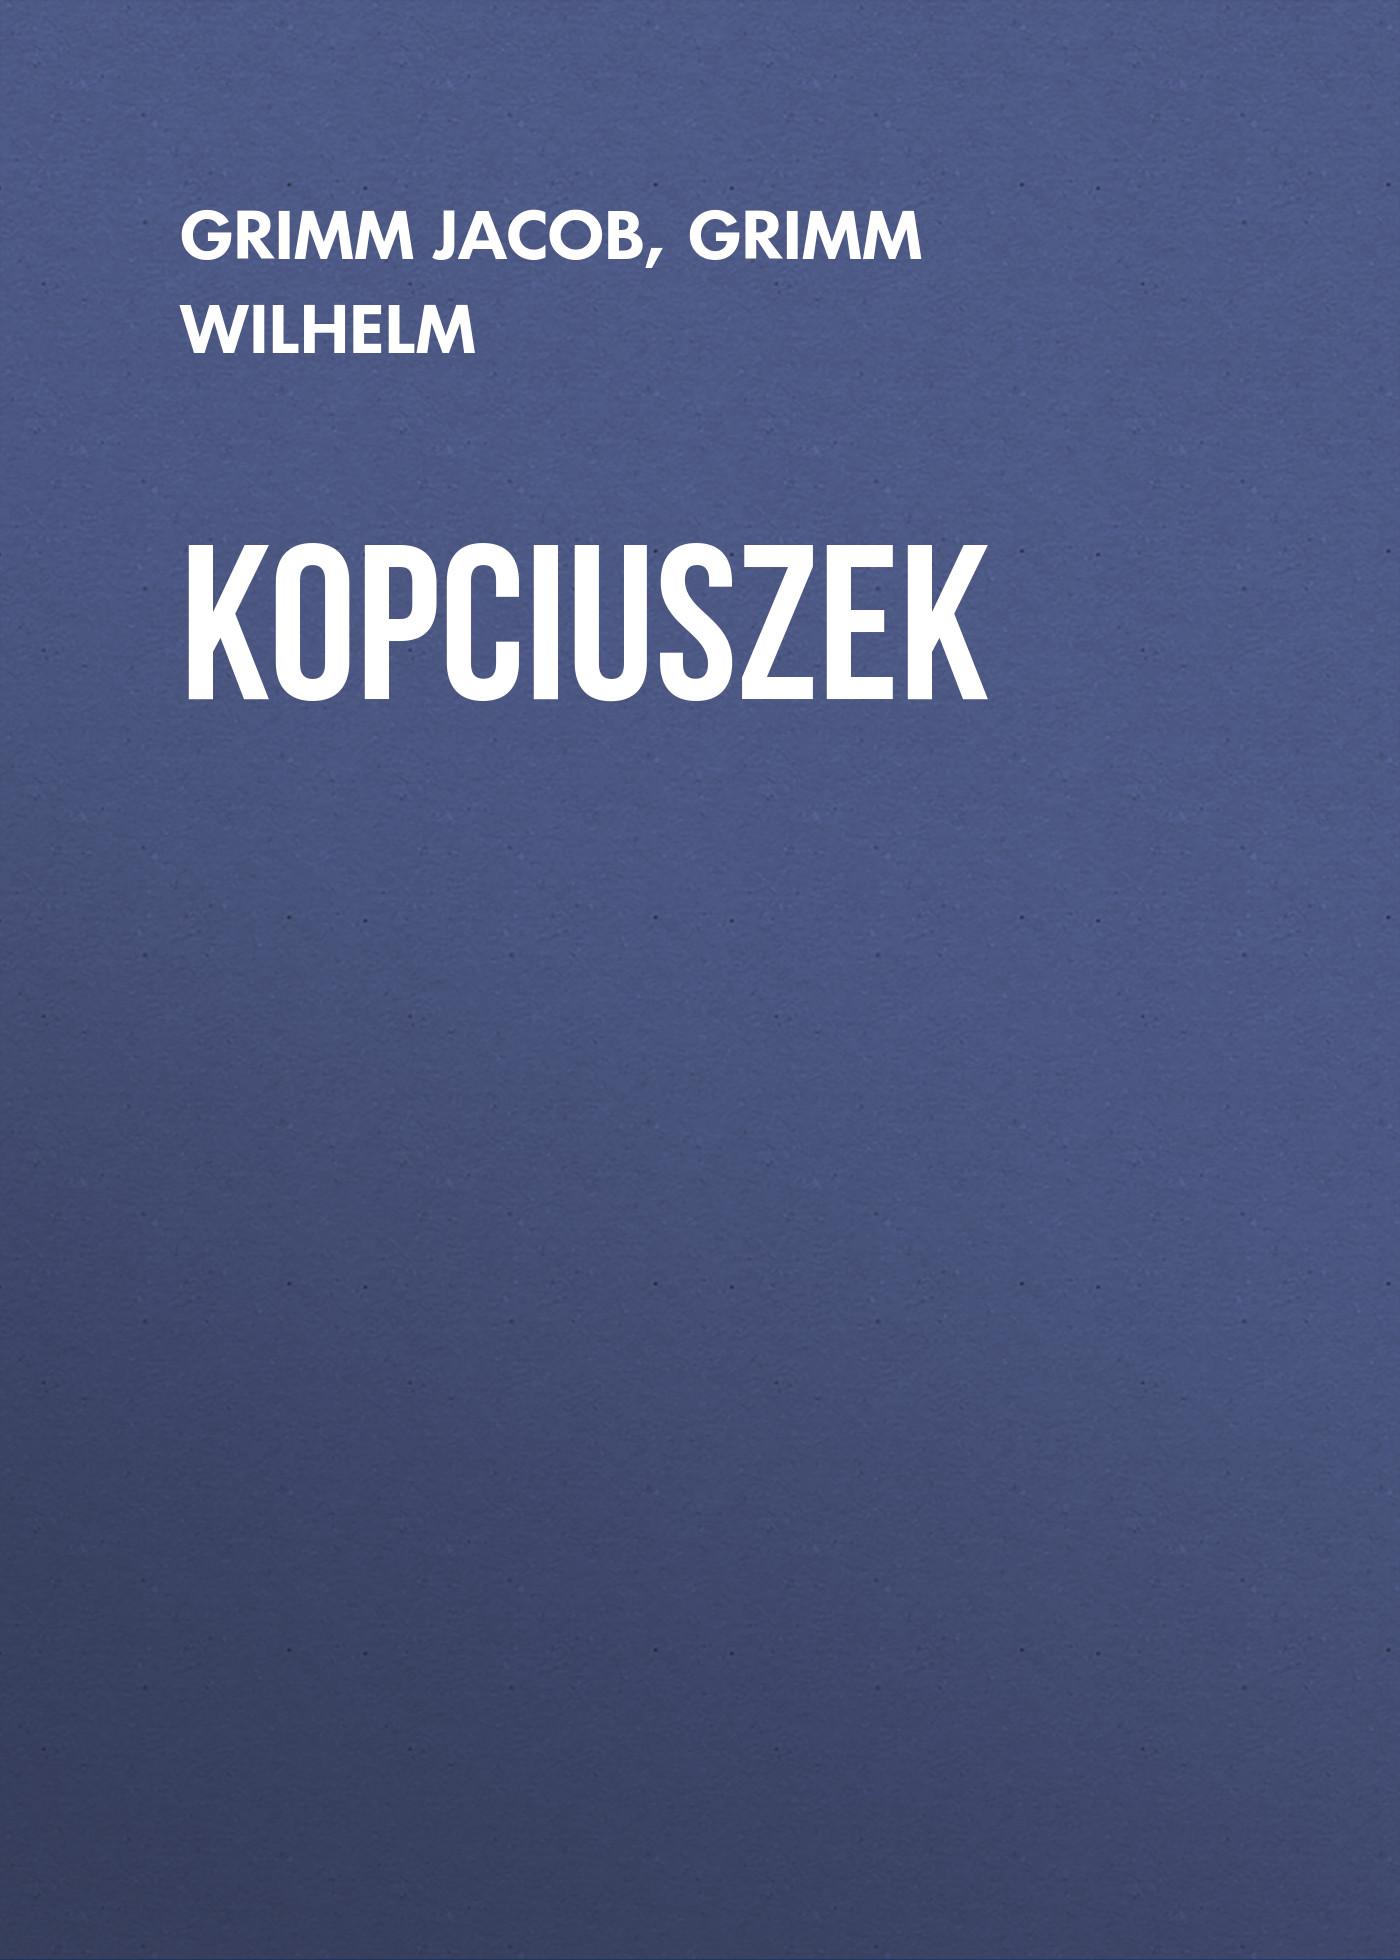 Grimm Jacob Kopciuszek